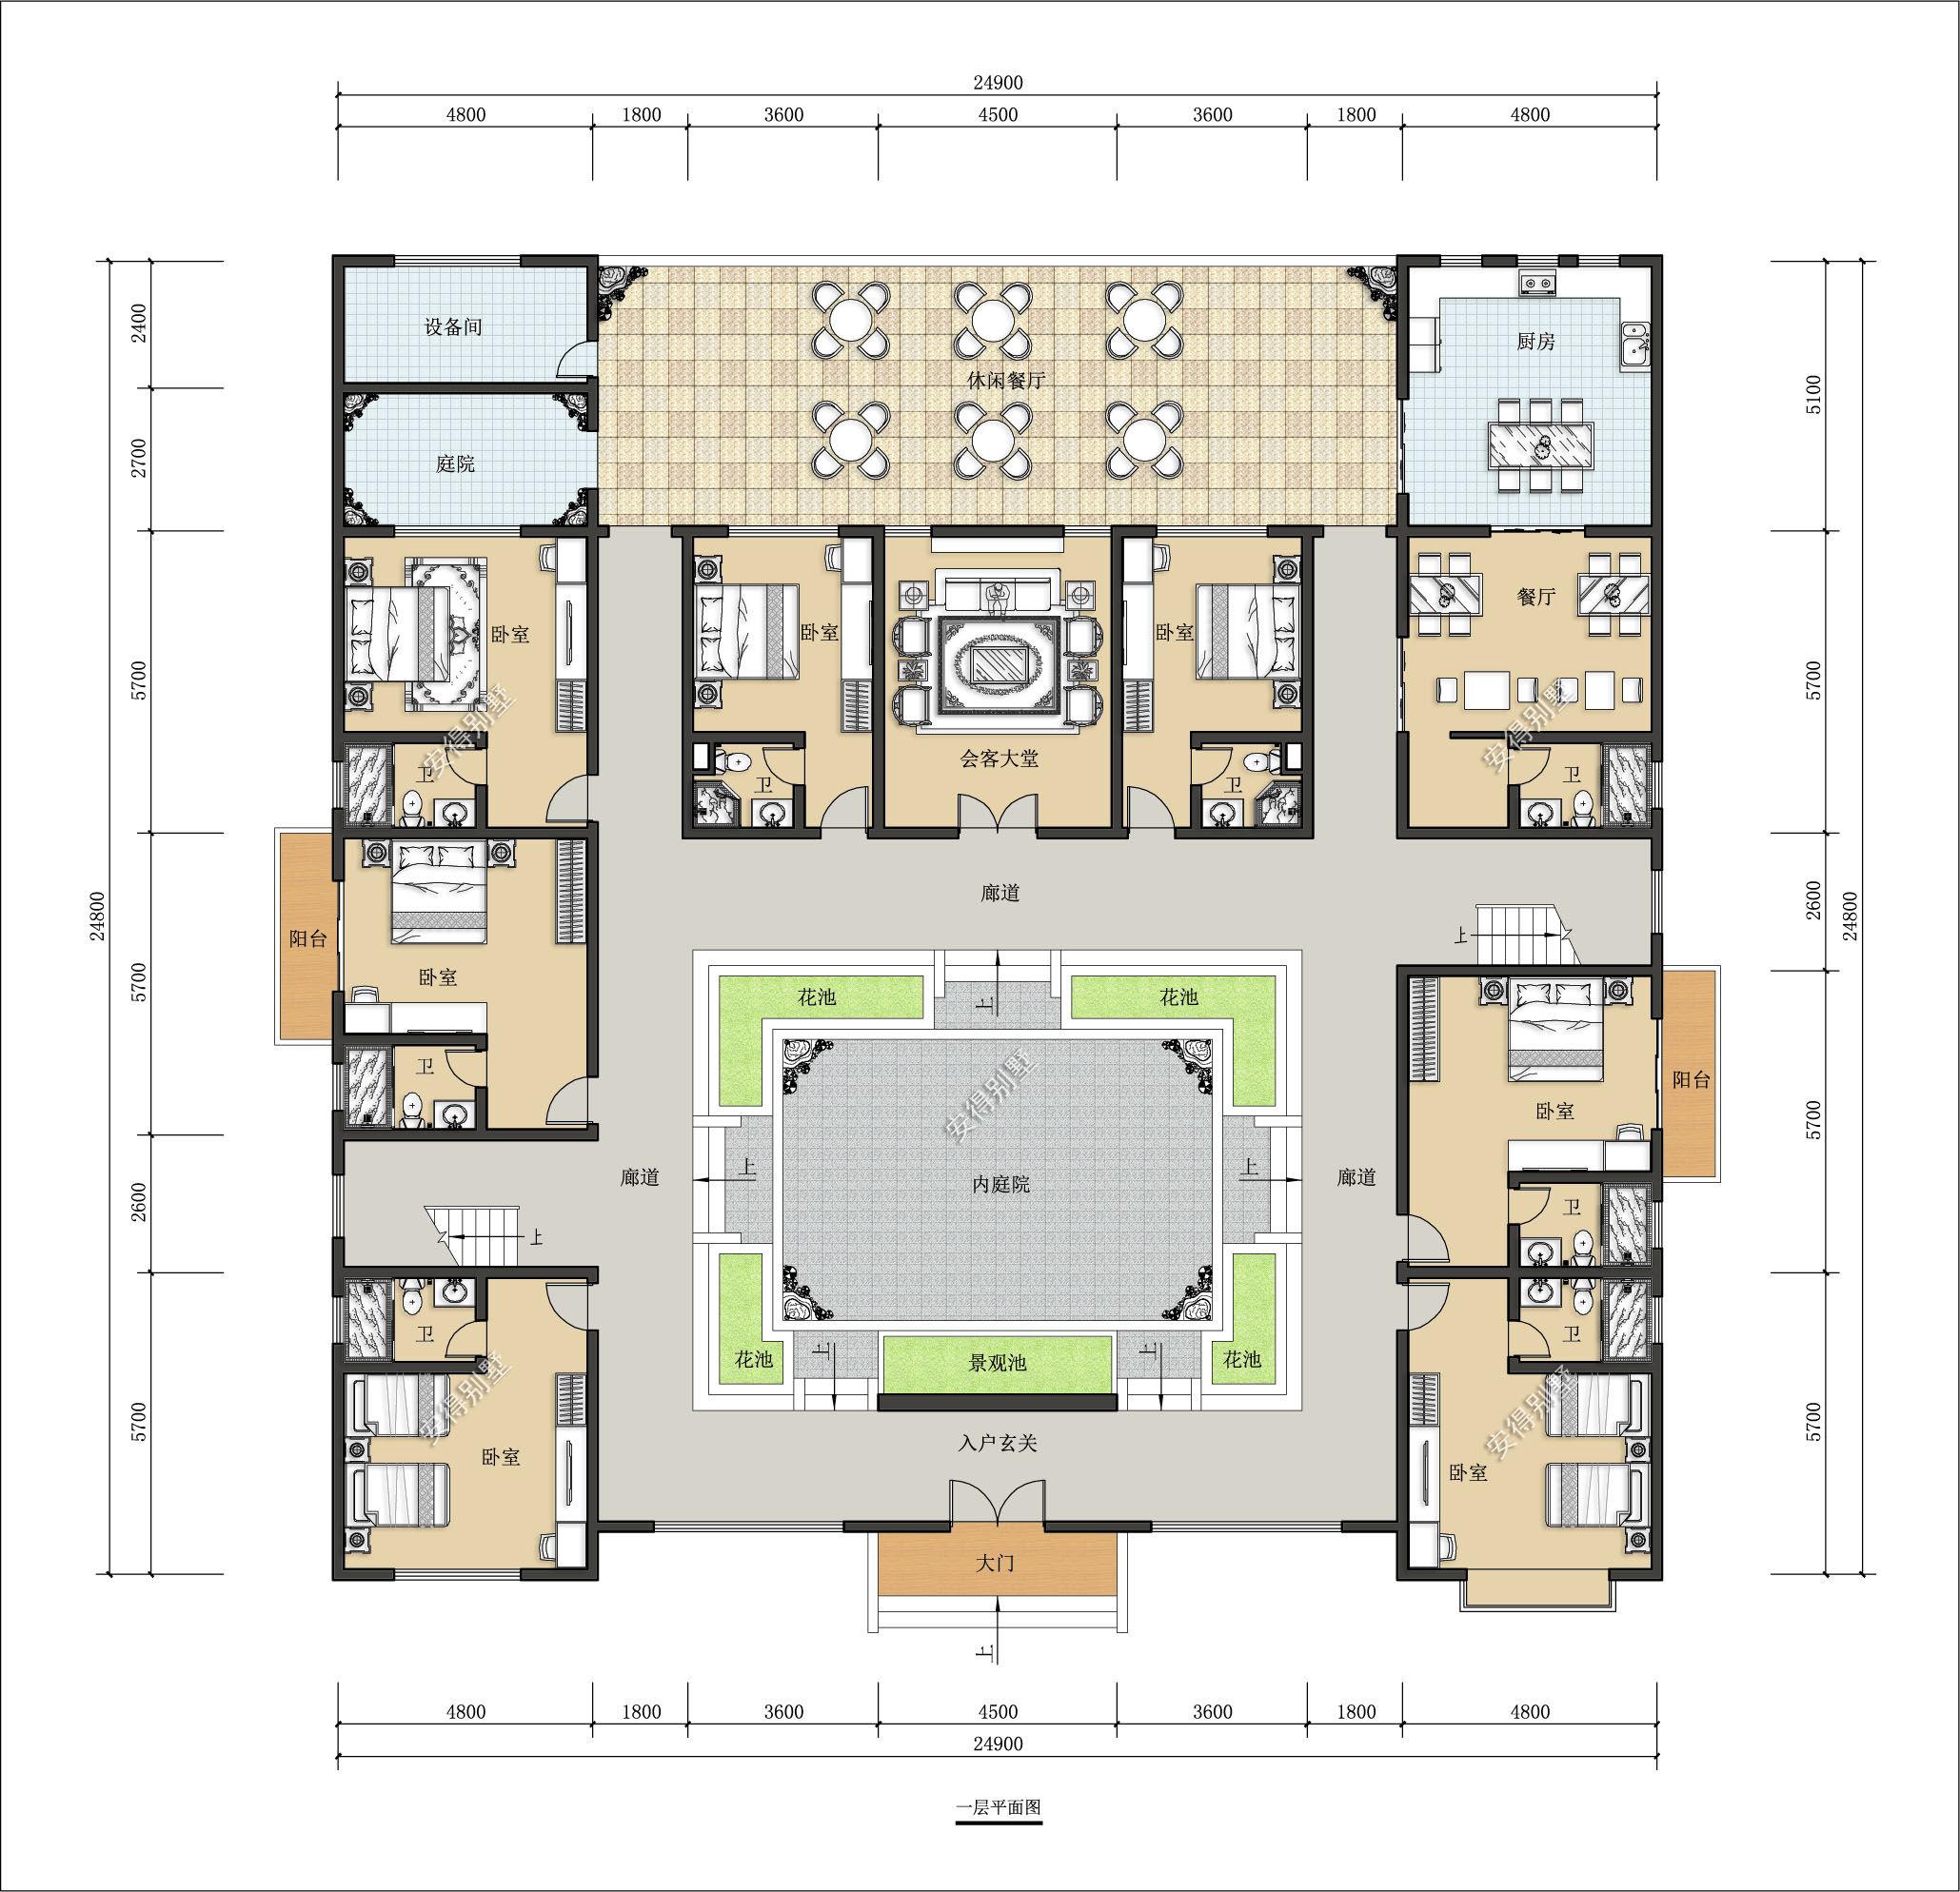 超美民宿四合院设计,农村自建合院建筑图纸,胜过城市